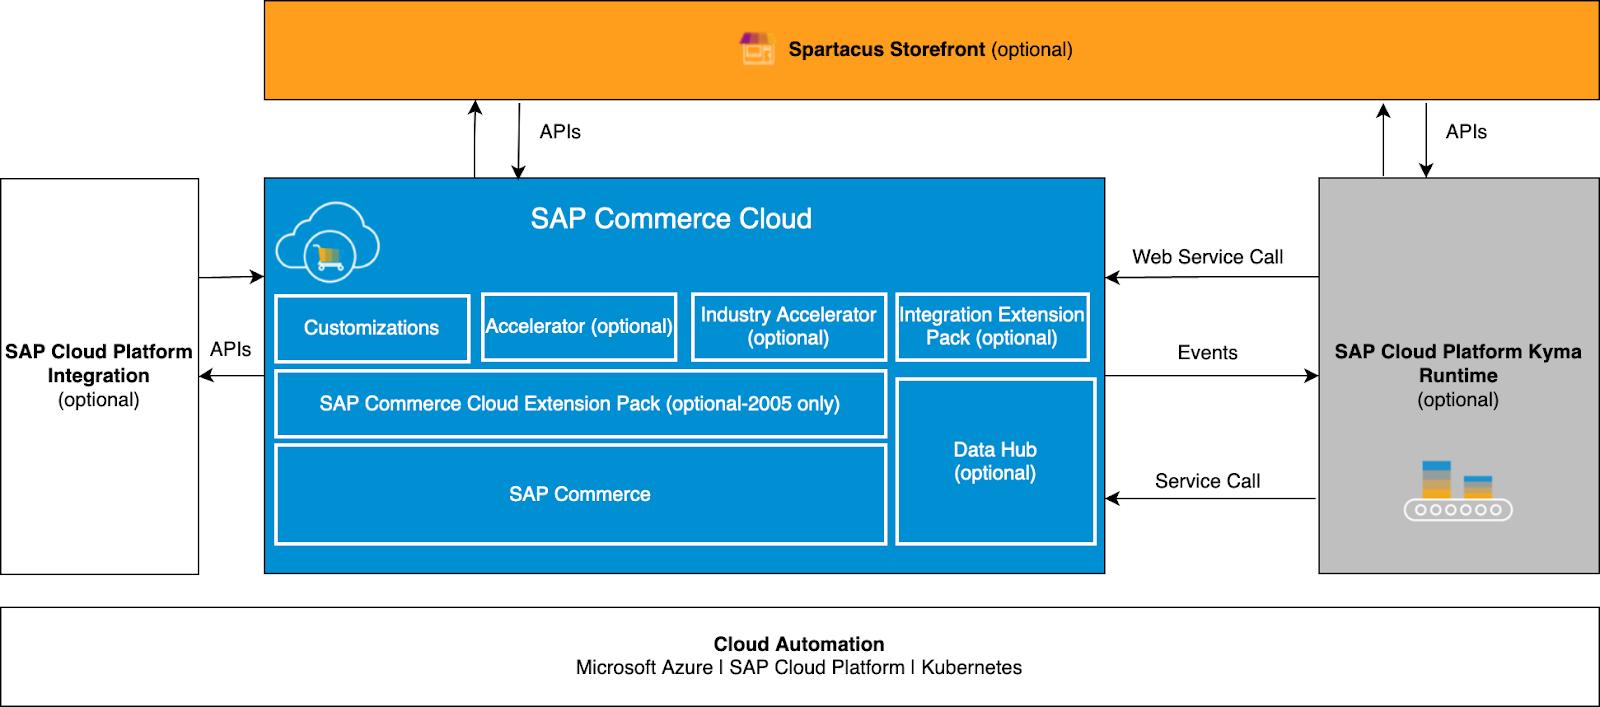 SAP Commerce Cloud Spartacus Storefront